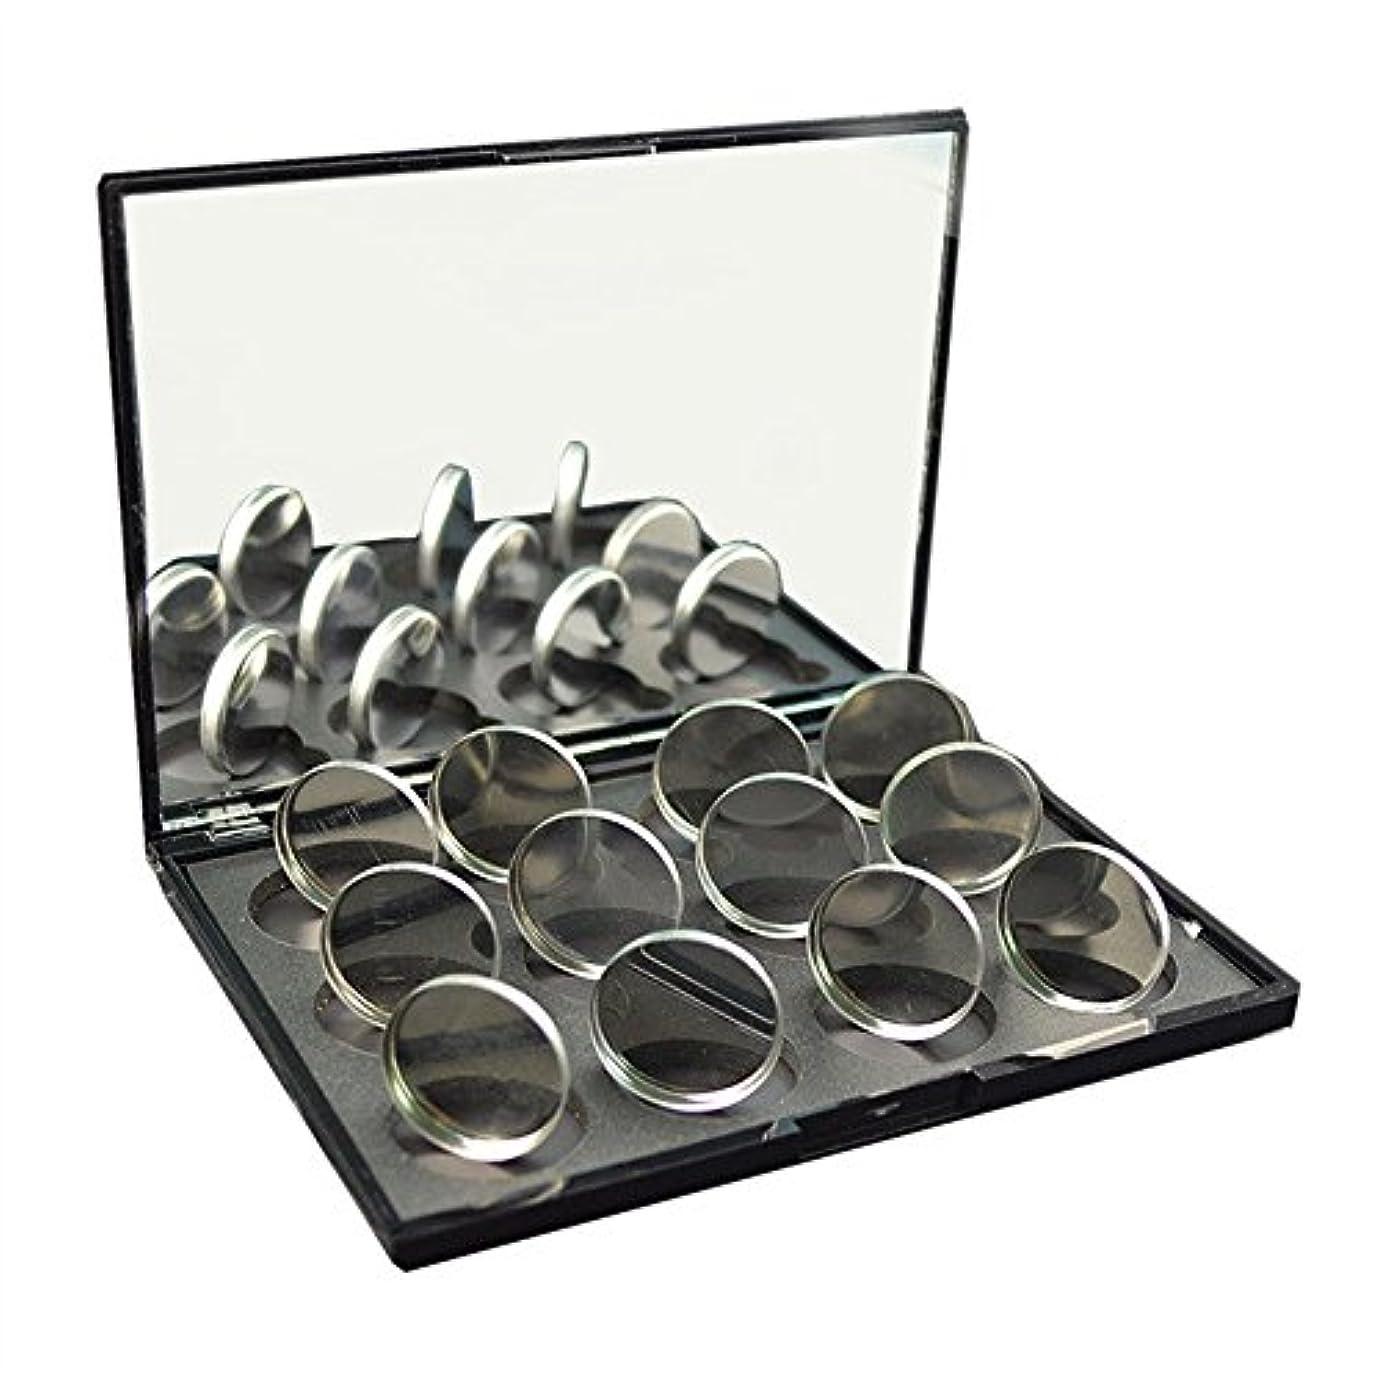 落胆する準拠マラドロイト磁石に敏感な粉のアイシャドウ26mmのための100pcs空の円形の錫鍋